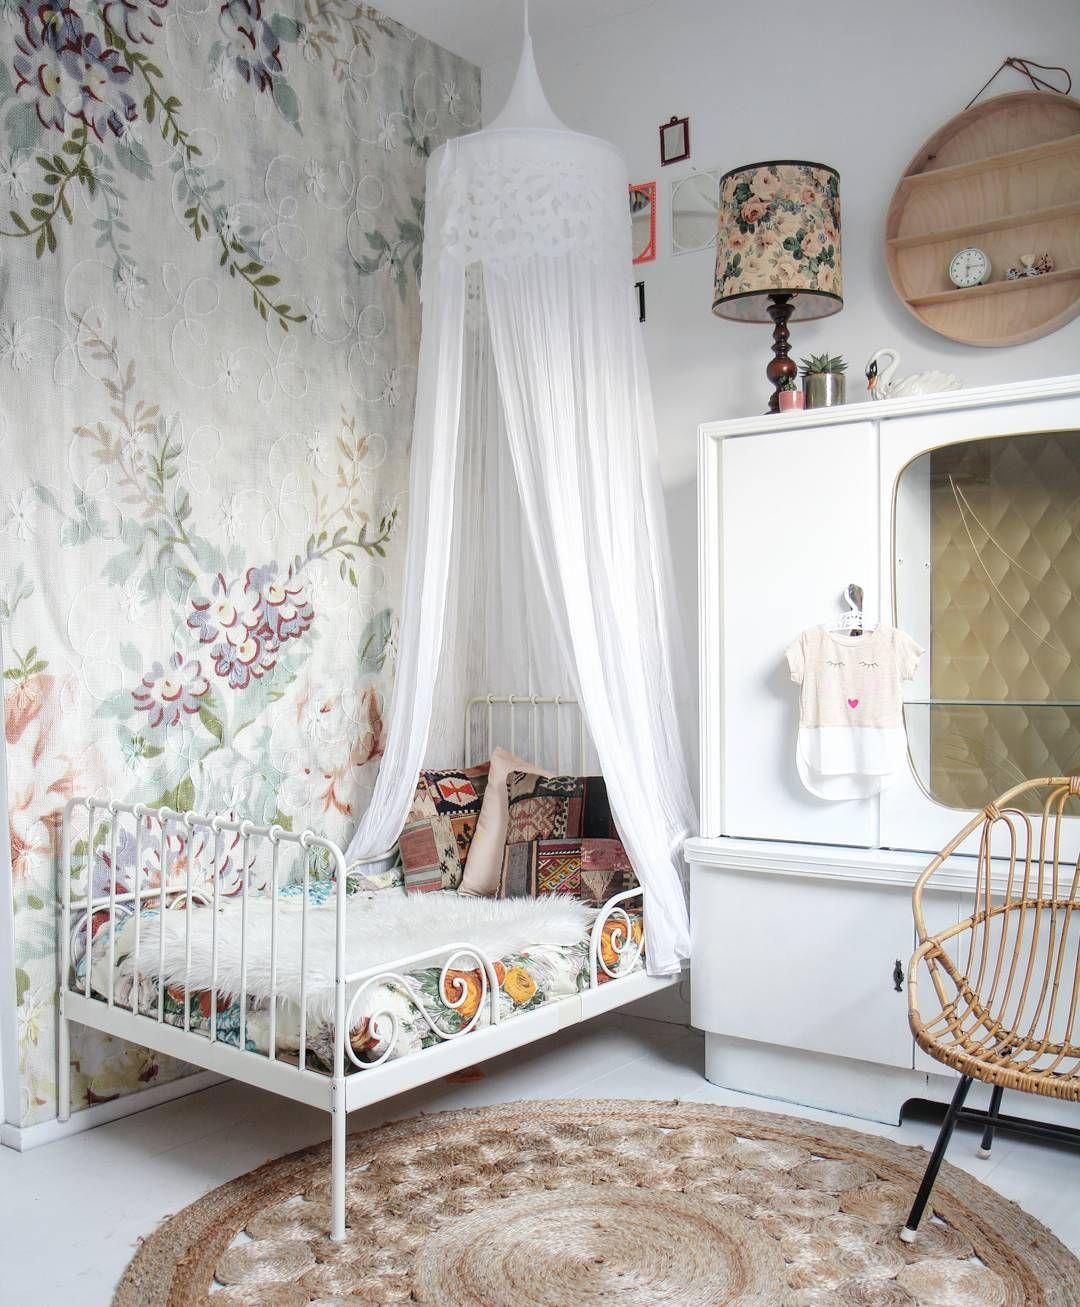 Papel Pintado De Flores Para Una Habitacion Infantil